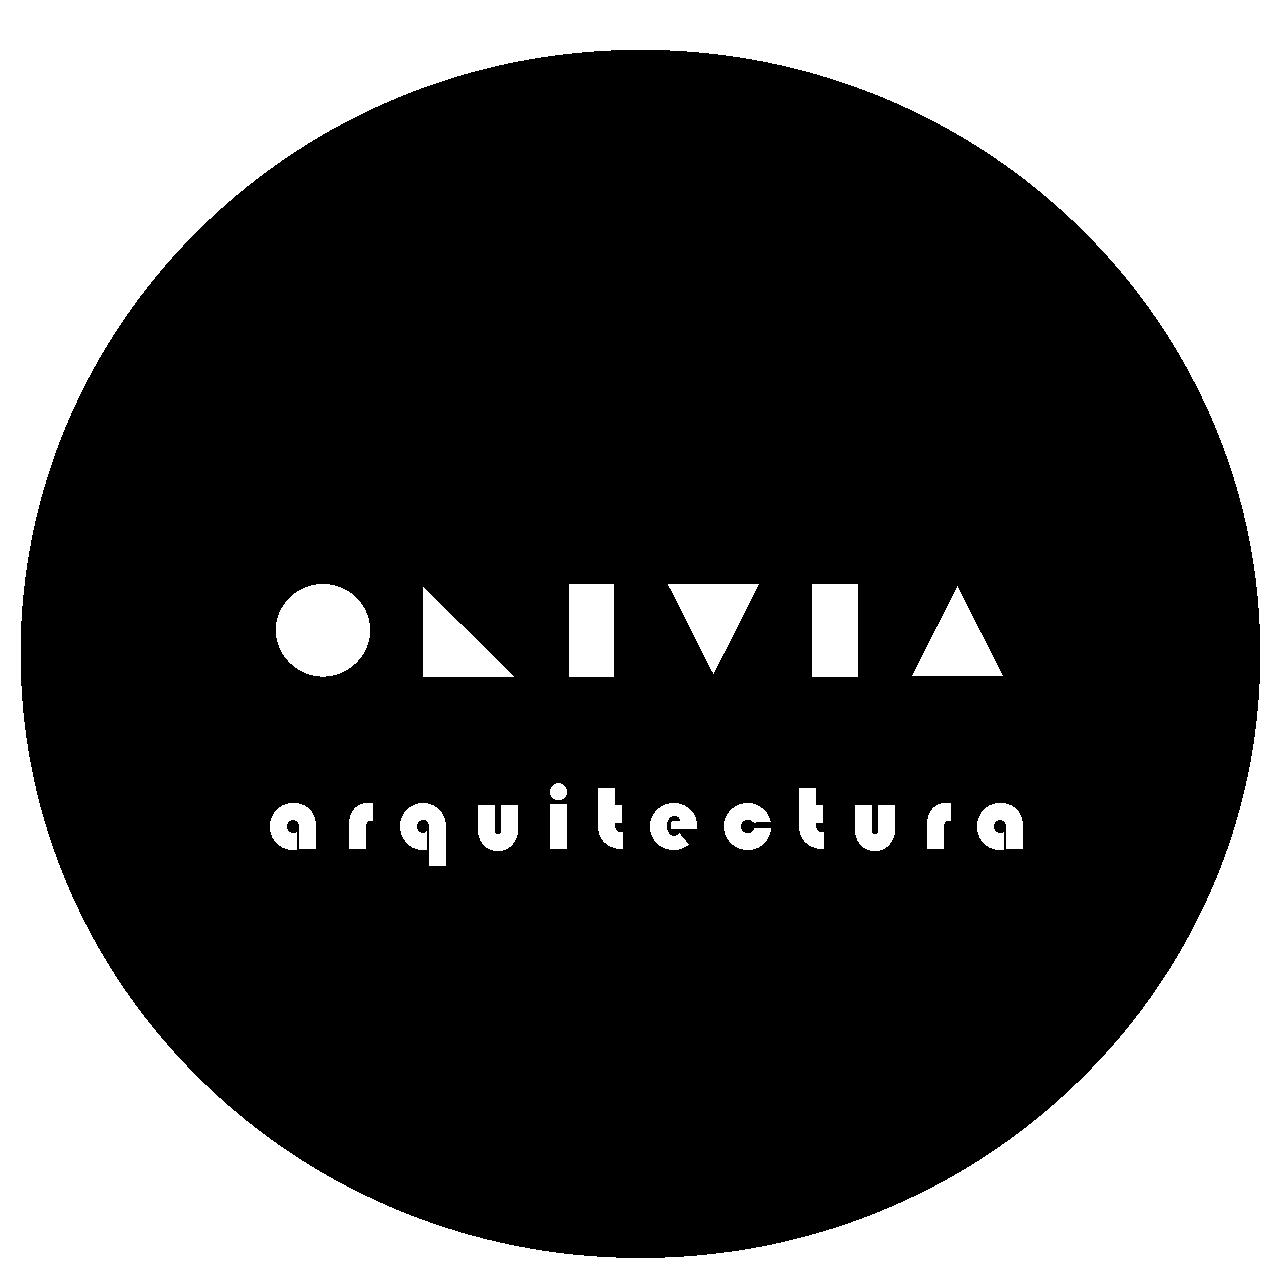 Oliviaarquitectura